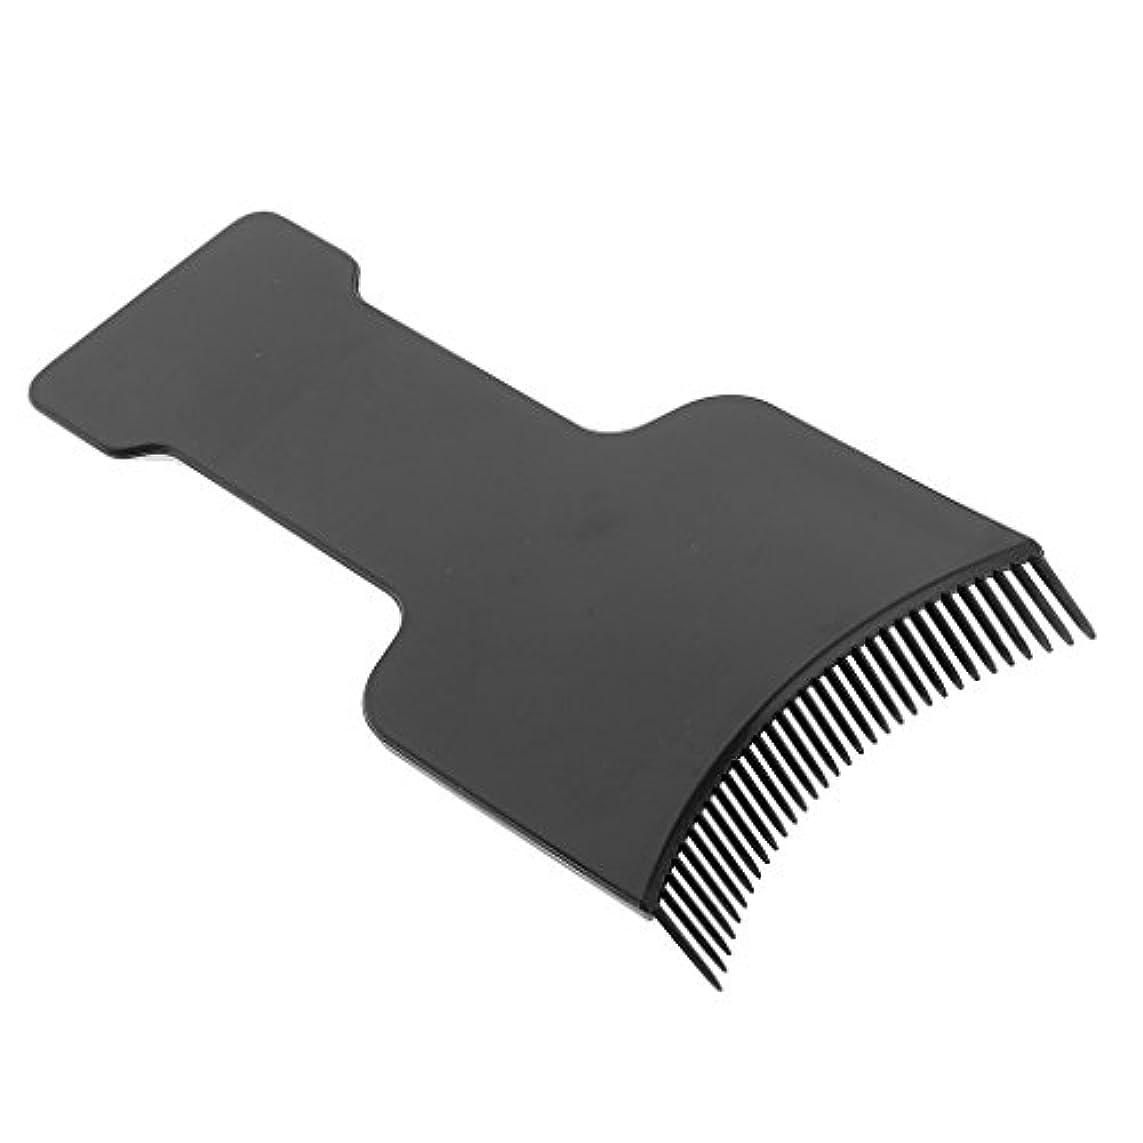 実験的診断する含めるToygogo プロフェッショナル1ピースフラットトップボードコームヘアハイライトセクショニングブラシブラックヘアカラーパドル用ヘアダイカラーS / M/L - S